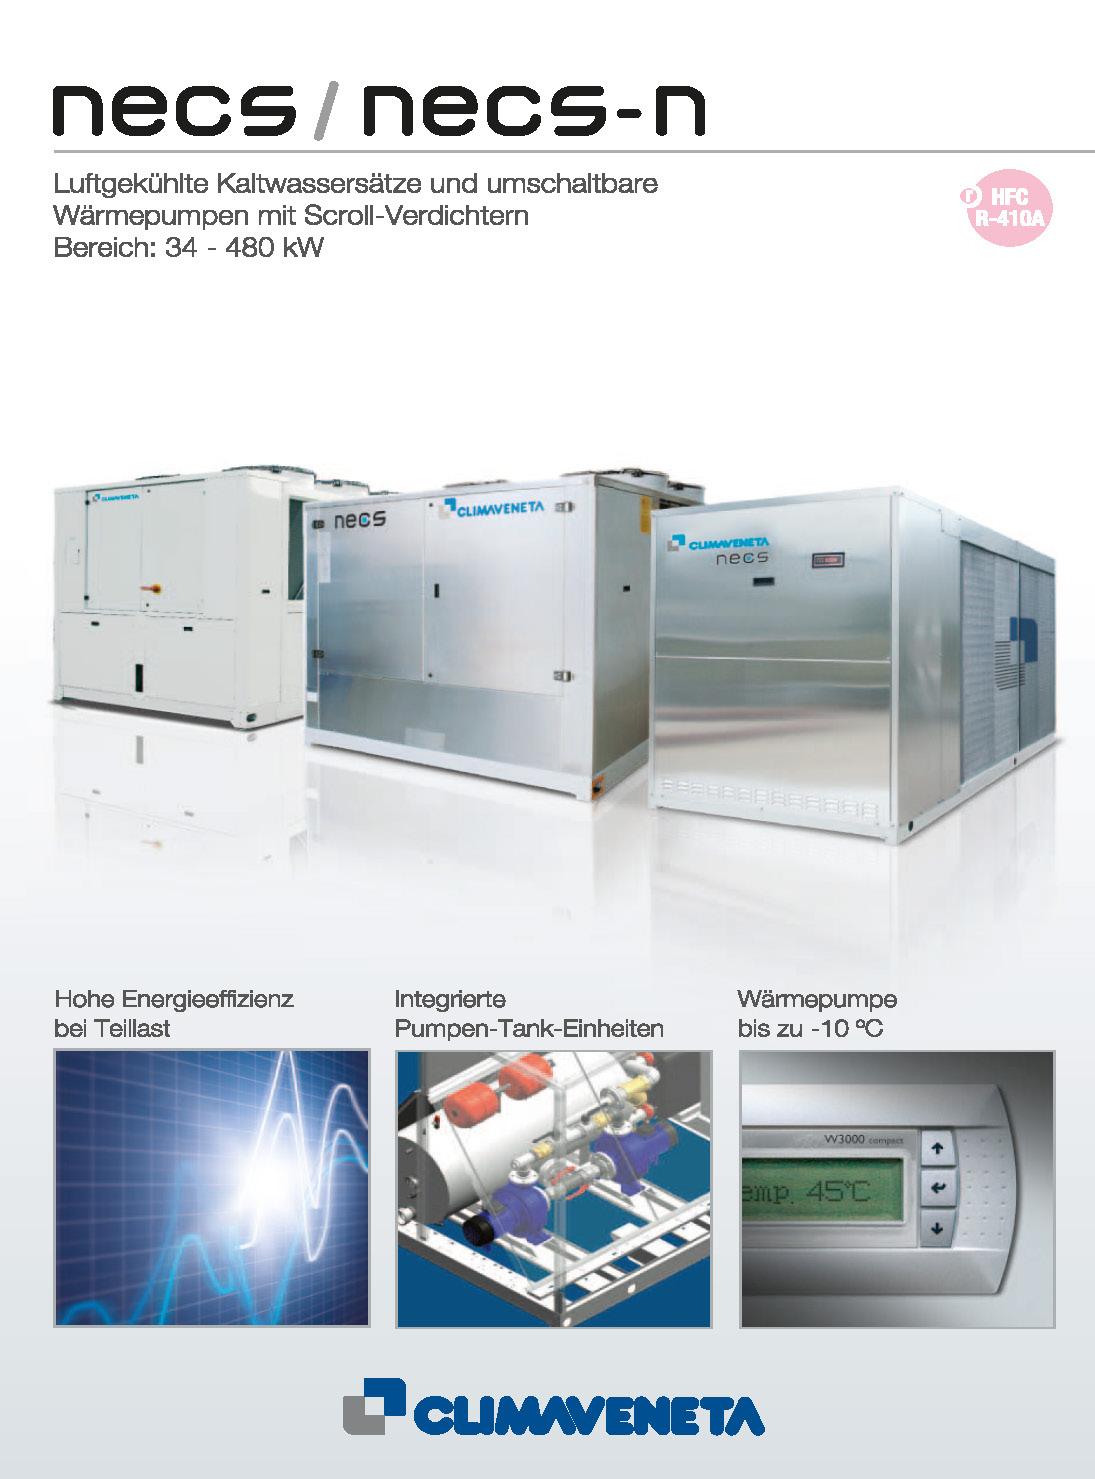 Luftgekühlte Kaltwassersätze und umschaltbare Wärmepumpen mit Scroll-Verdichtern